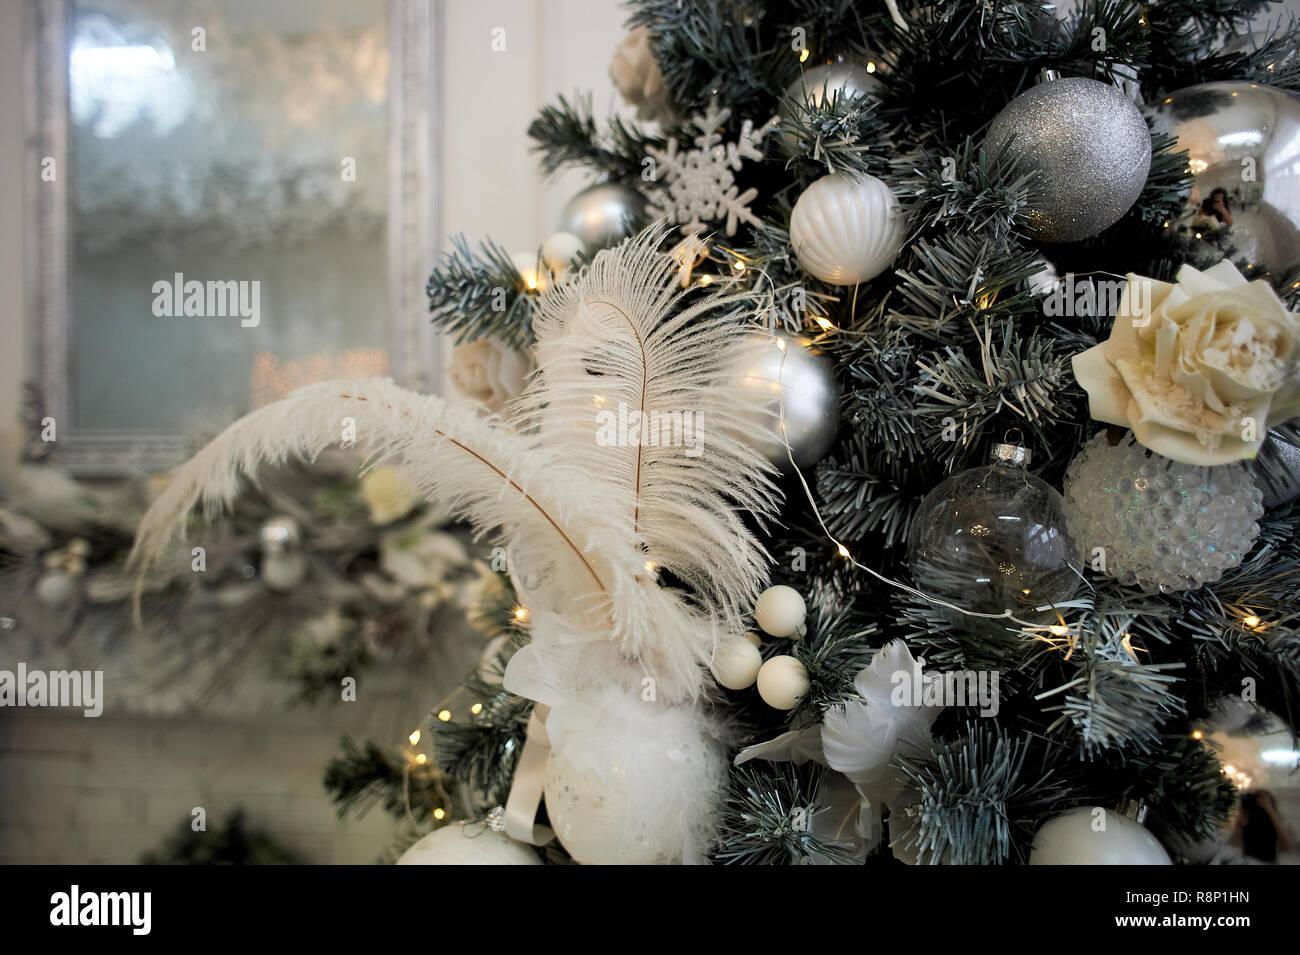 Weihnachtsbaum, in Weiß und Silber Farben gekleidet. Mit weißen Federn und Kugeln. Stockbild